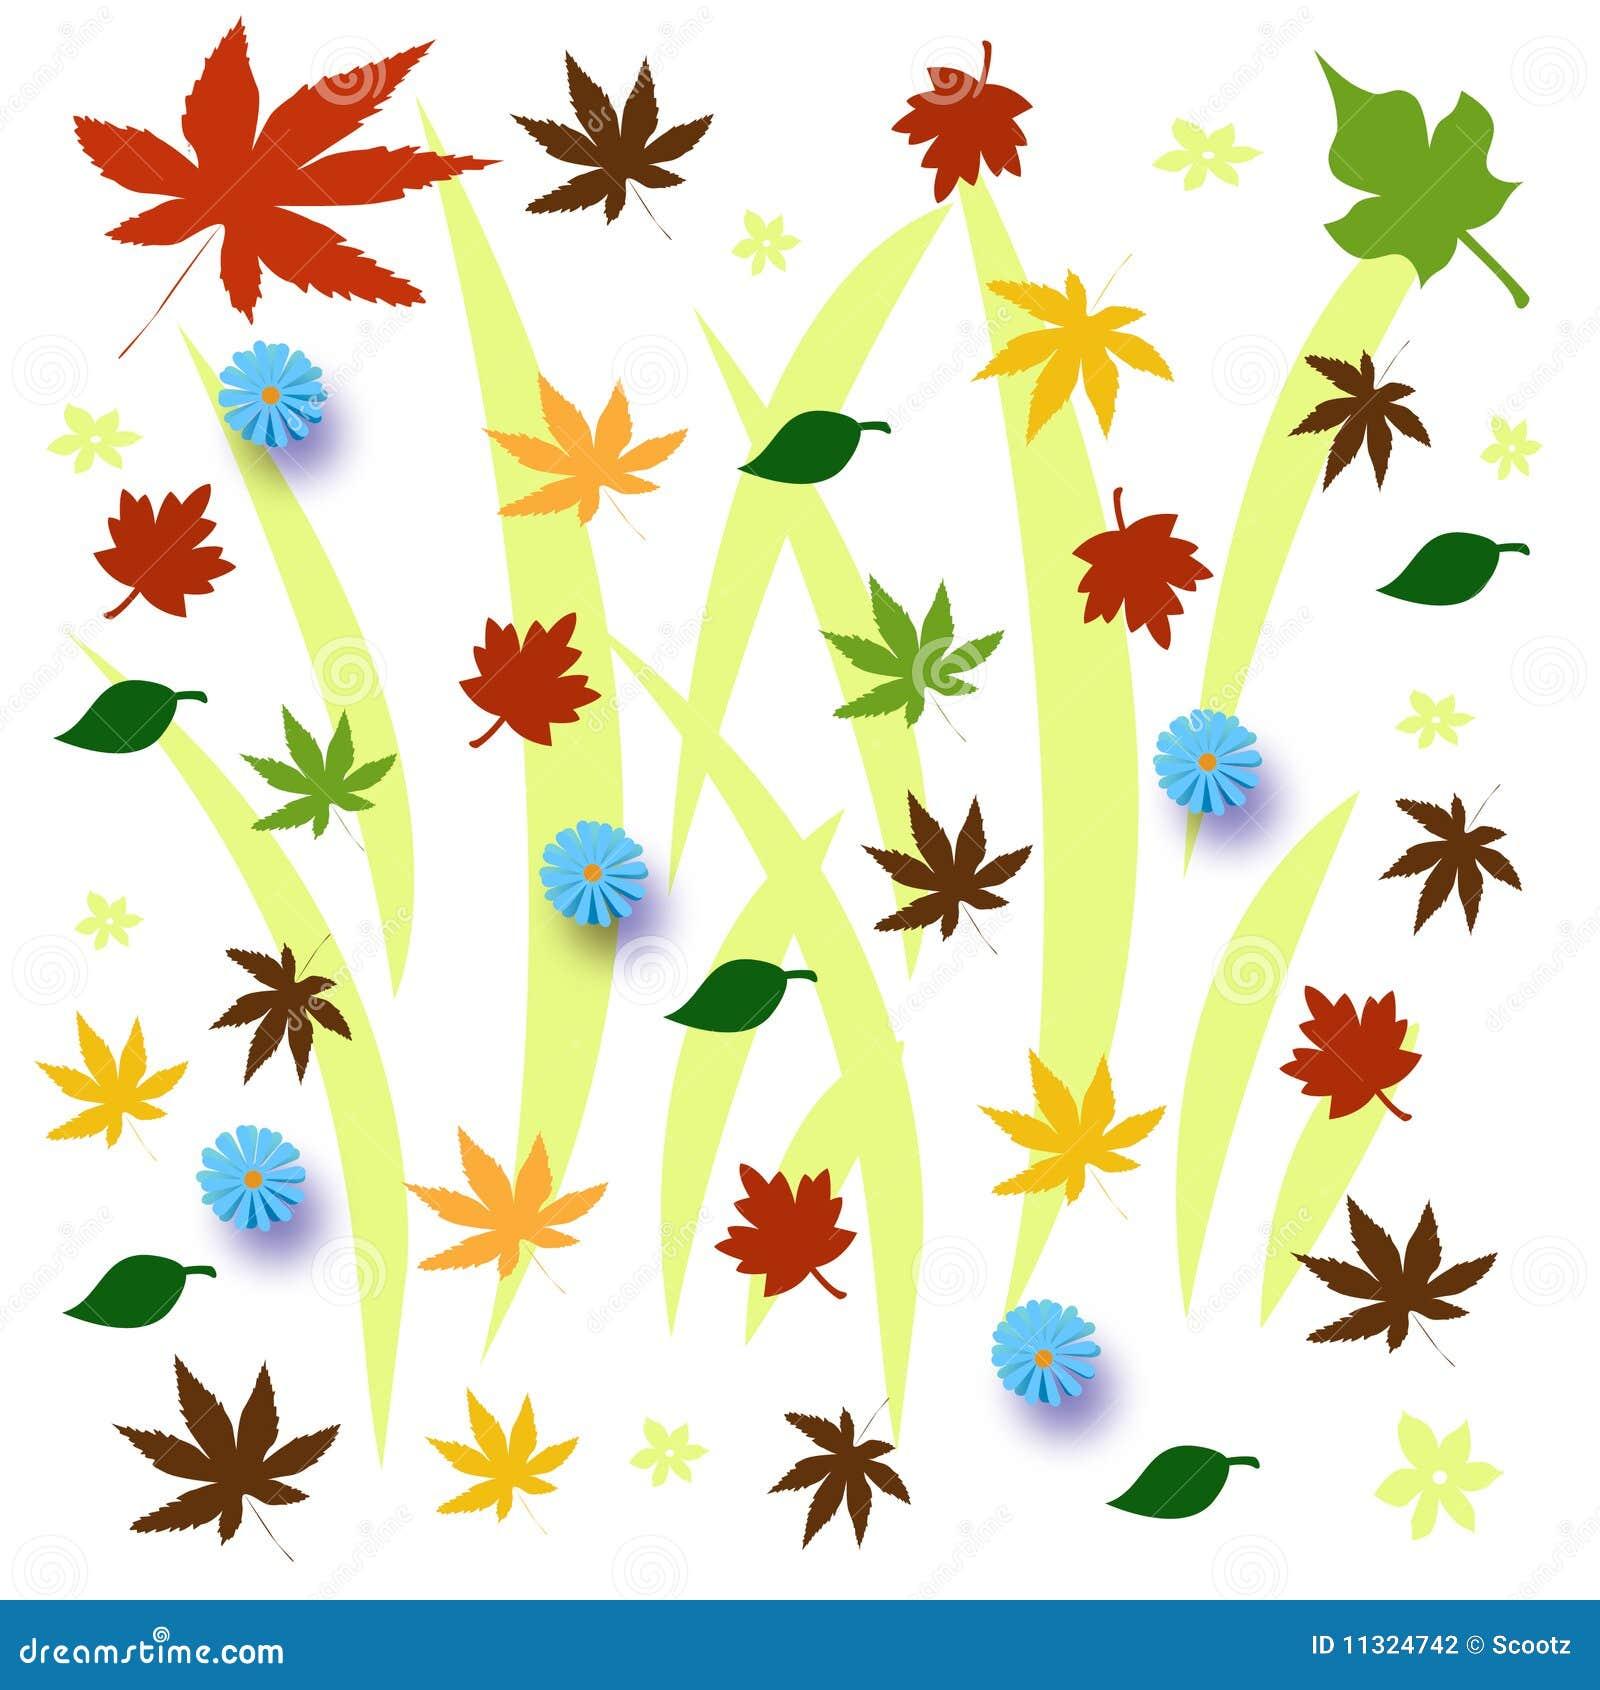 Herbstblätter dargestellt